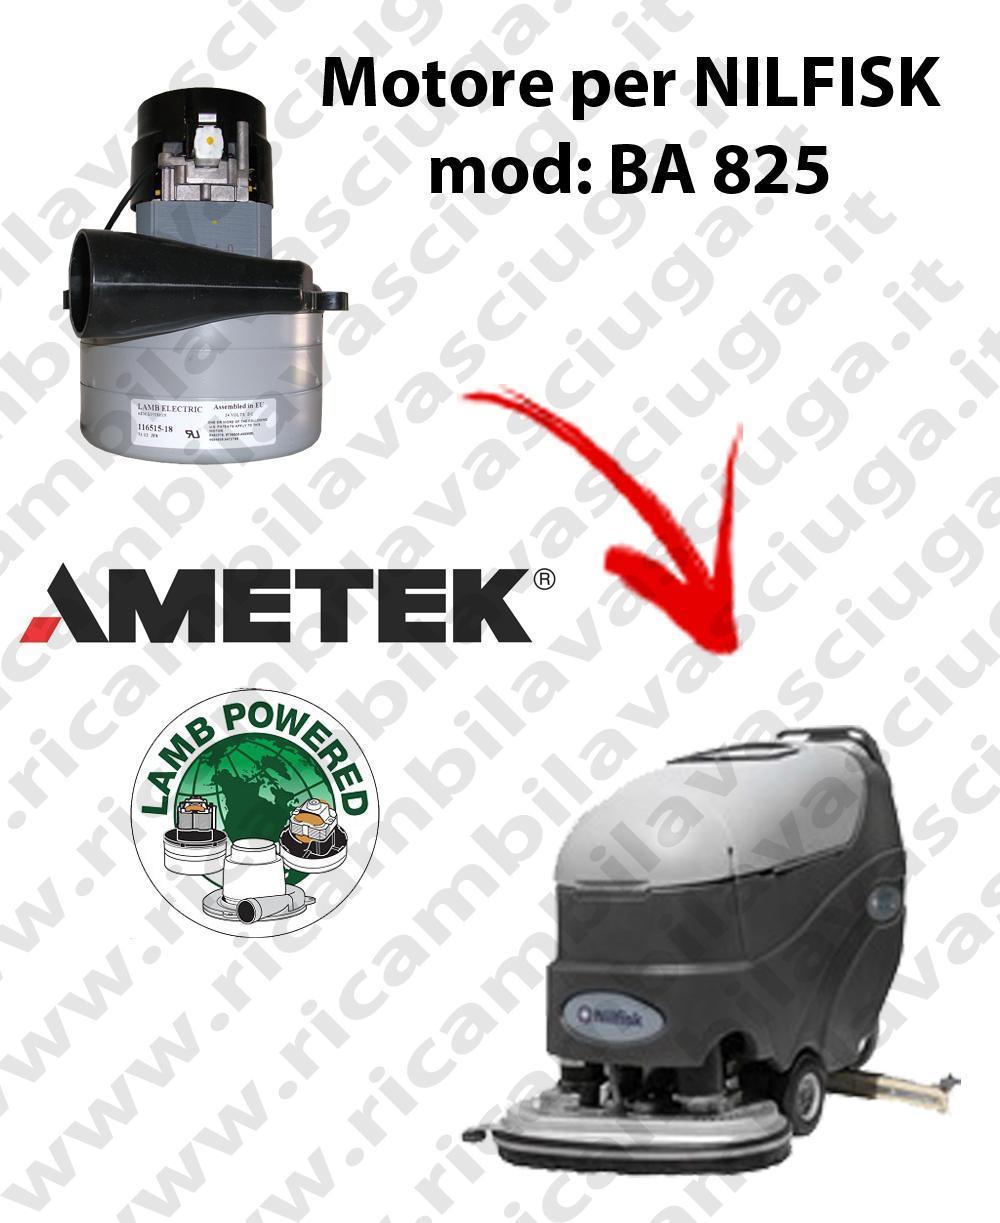 BA 825 MOTEUR ASPIRATION LAMB AMETEK pour autolaveuses NILFISK